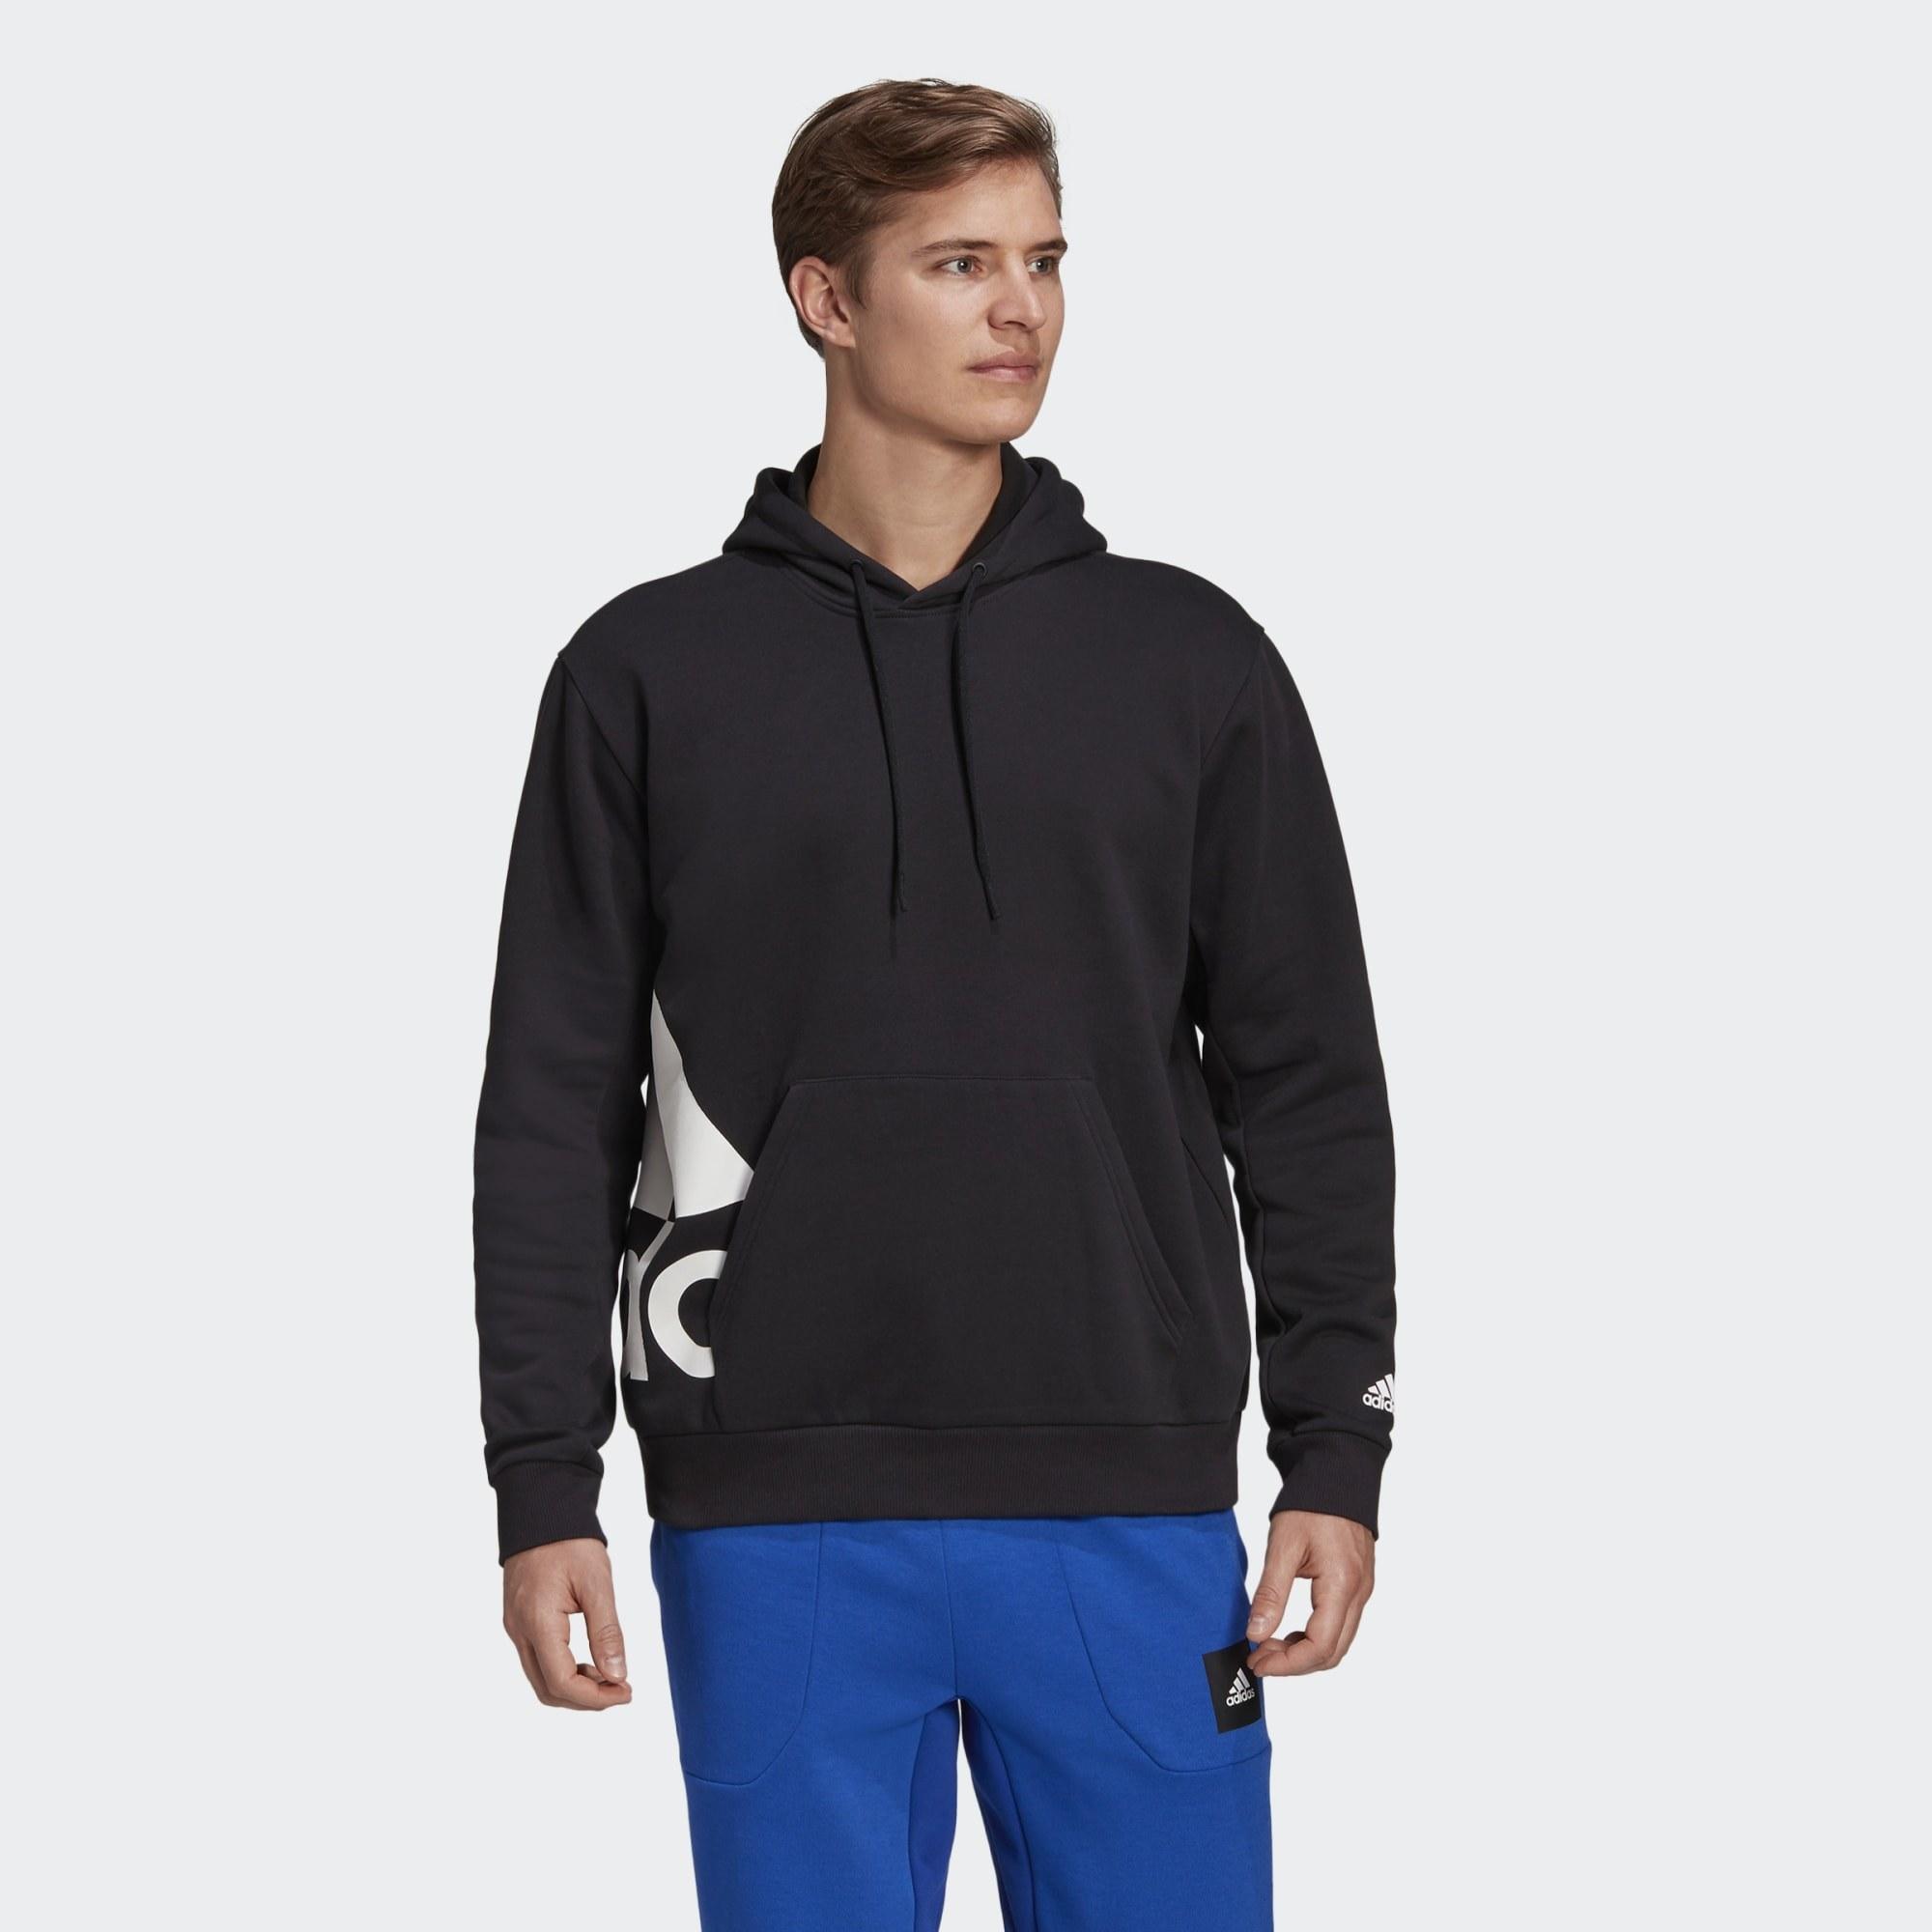 Model in black hoodie